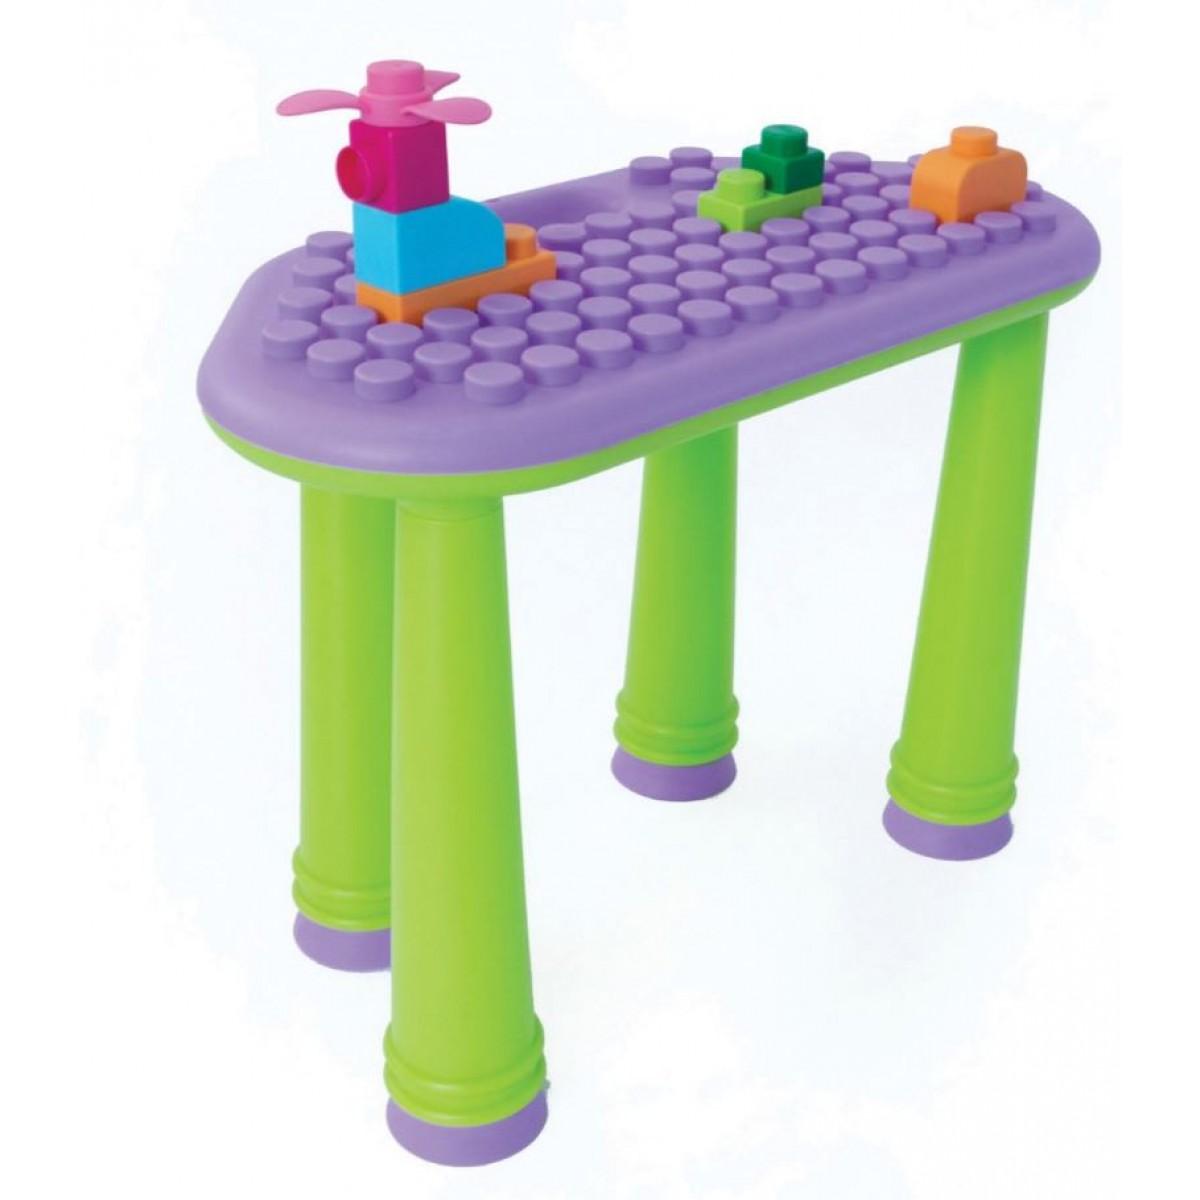 طاولة الأنشطة وتركيب المكعبات 25 قطعة - موف